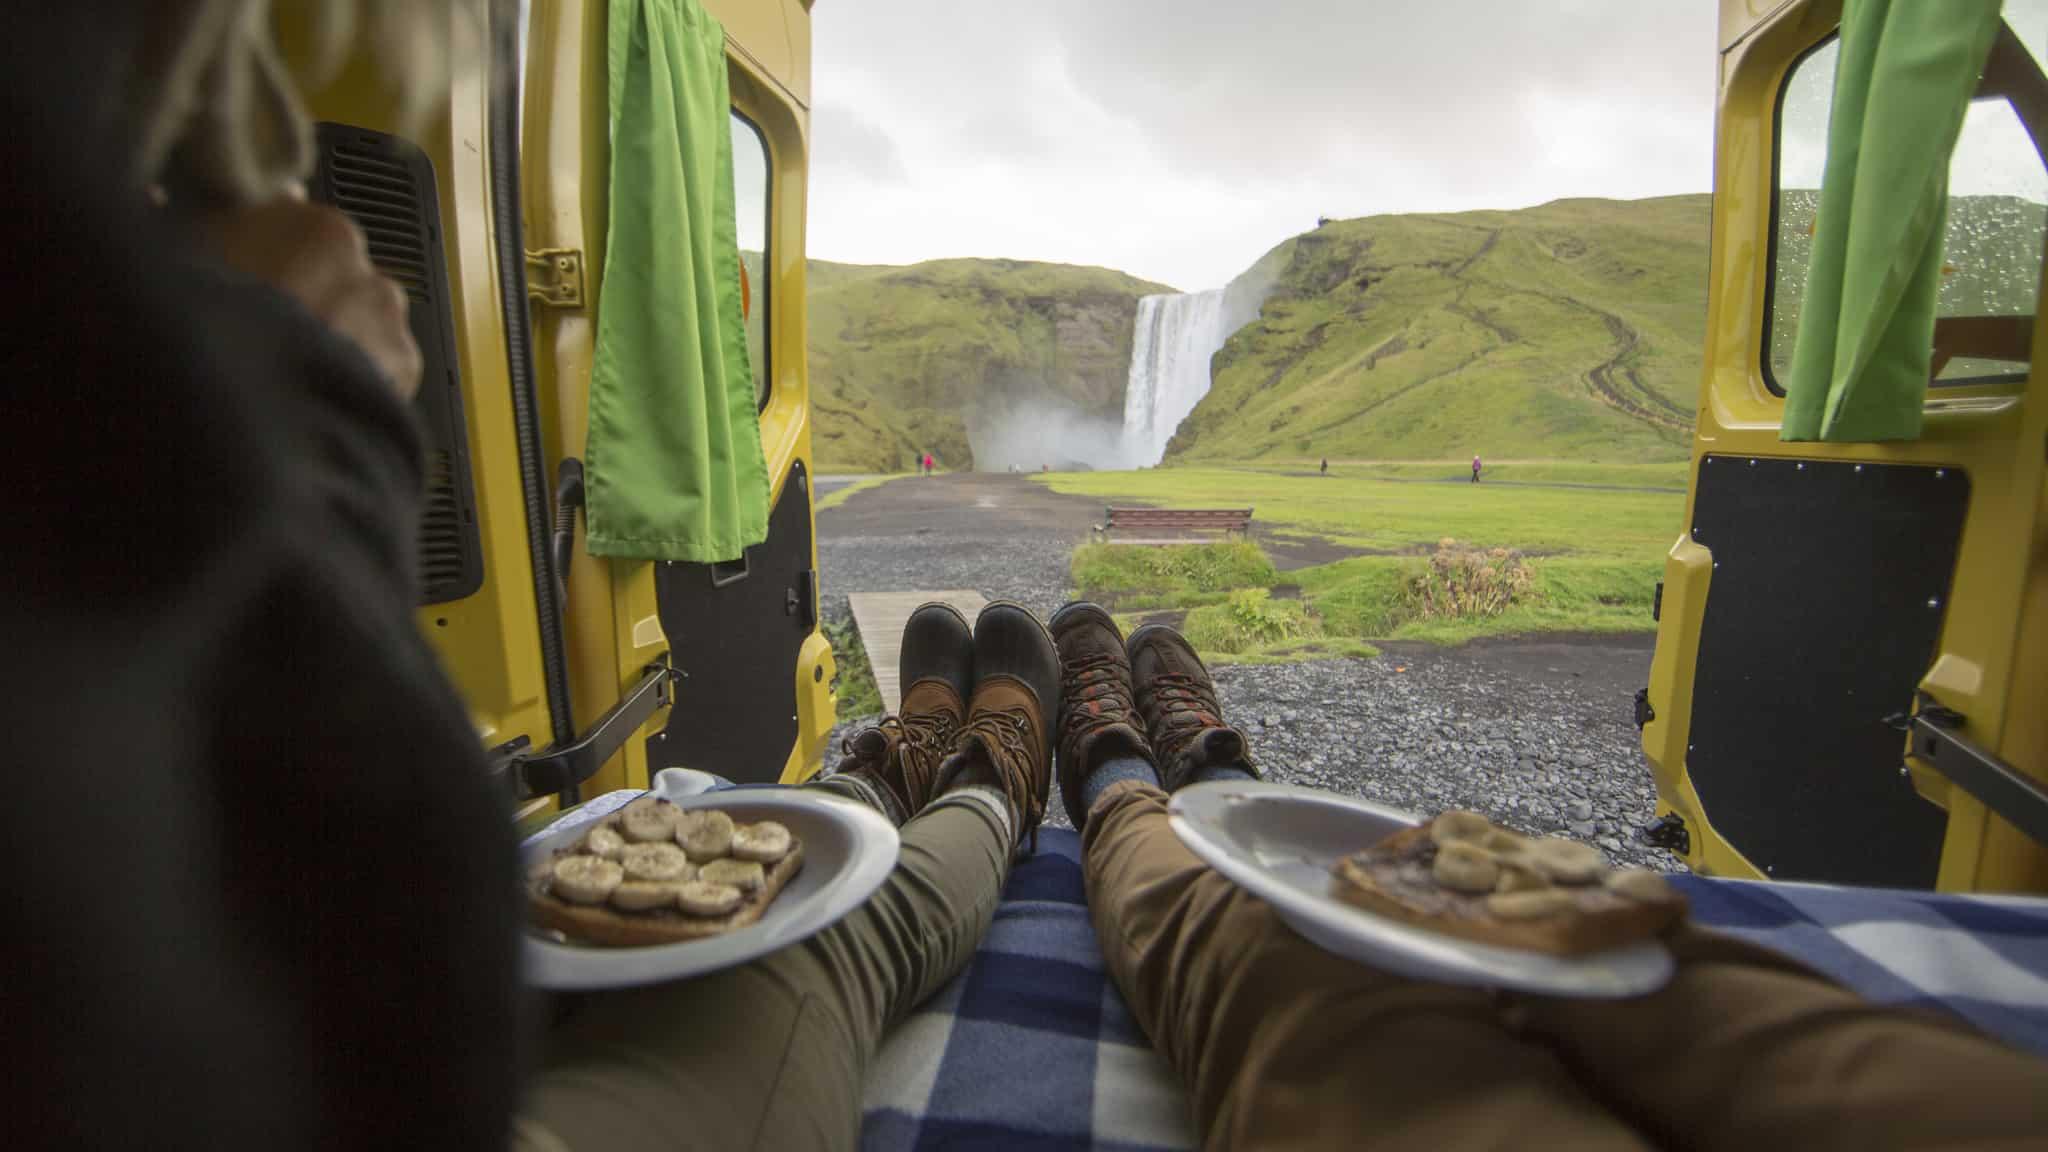 Campervan Iceland: Ranking Top 5 Campervan Rental Companies